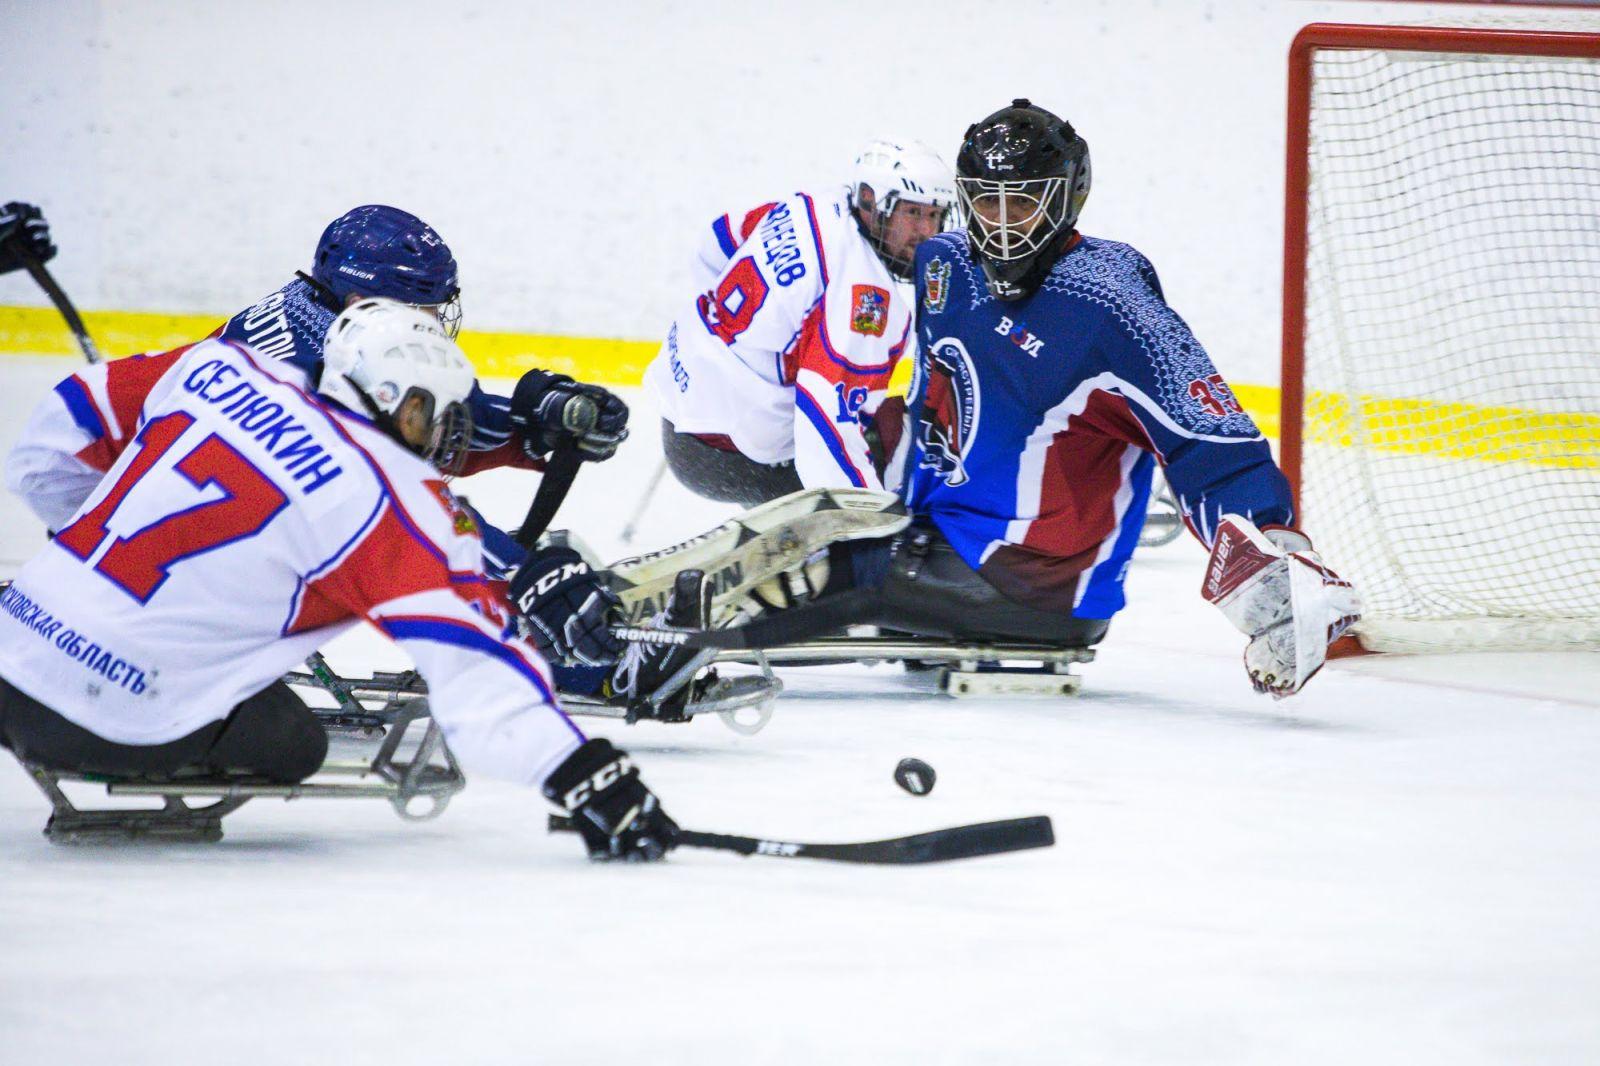 В Сочи пройдет международный турнир - Кубок континента по хоккею-следж 2019